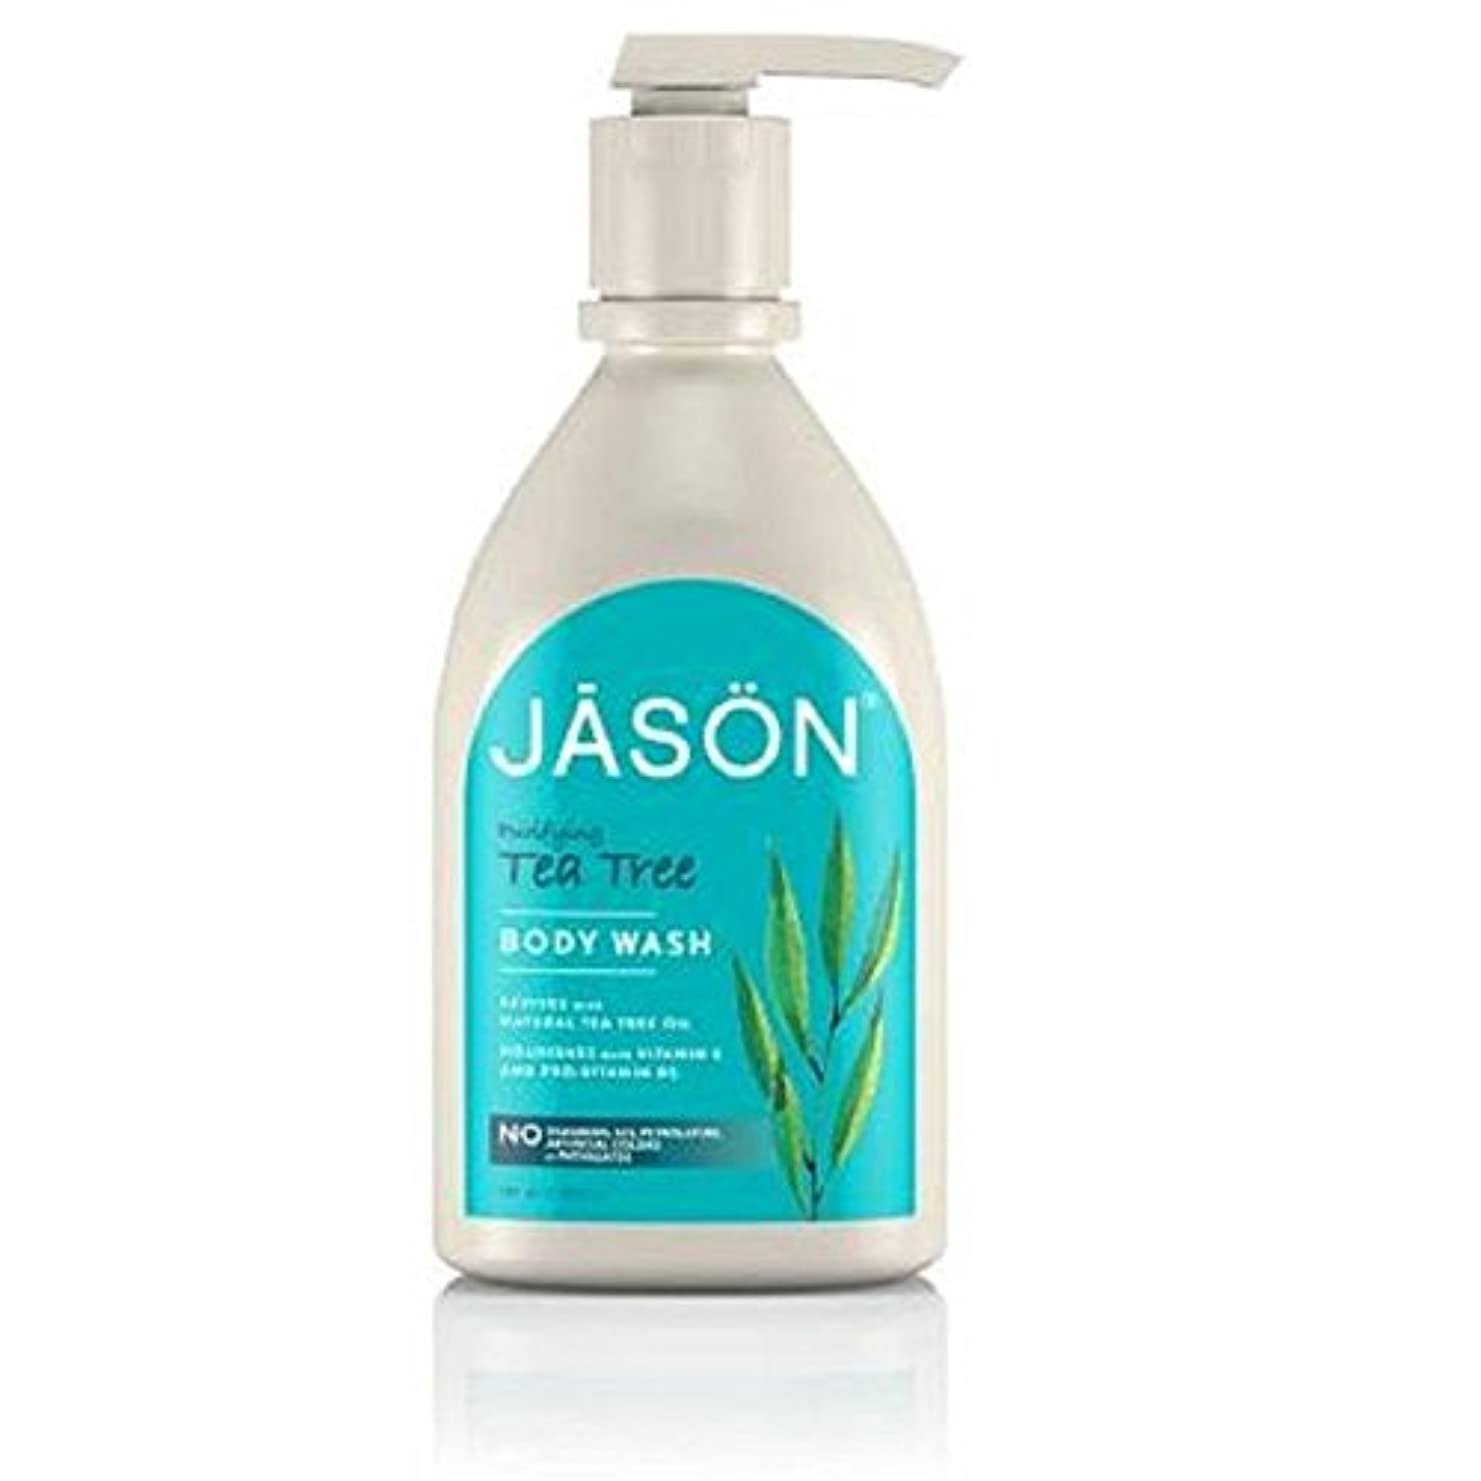 承認知覚ノベルティJason Tea Tree Satin Body Wash Pump 900ml (Pack of 6) - ジェイソン?ティーツリーサテンボディウォッシュポンプ900ミリリットル x6 [並行輸入品]